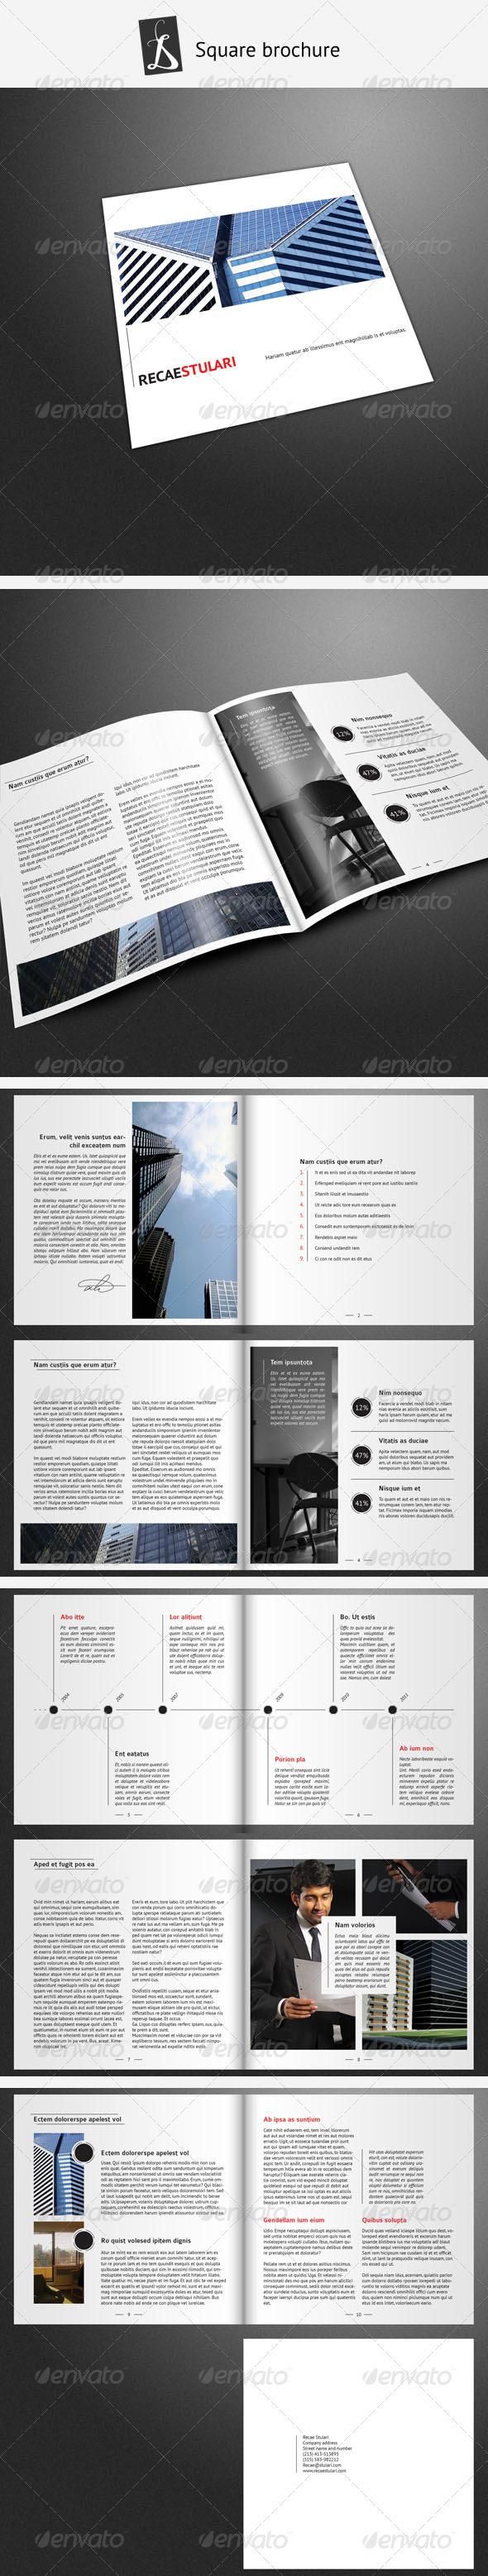 Corporate Brochure 14 - Corporate Brochures